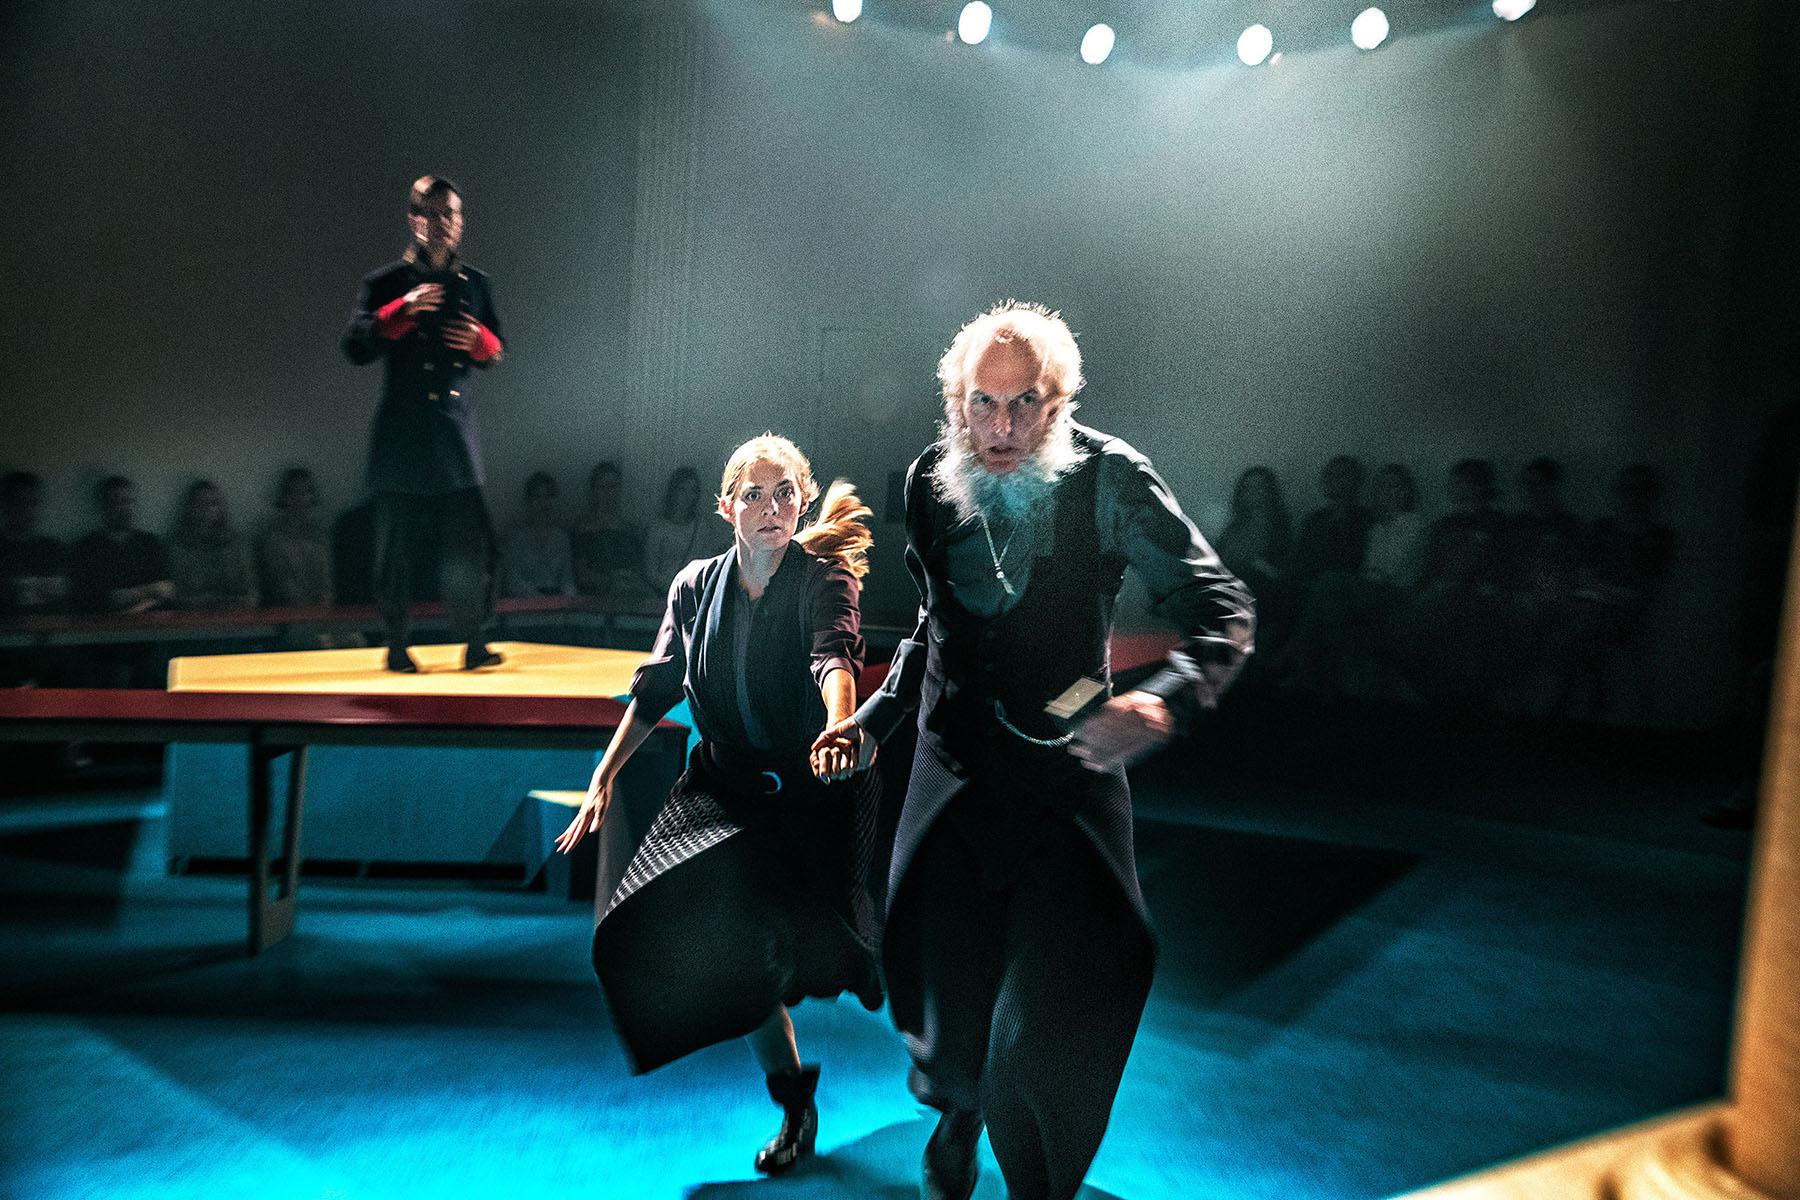 04-Østerbro-Teater-BabettesGæstebud-Fotograf- Per Morten Abrahamsen-4LILLE